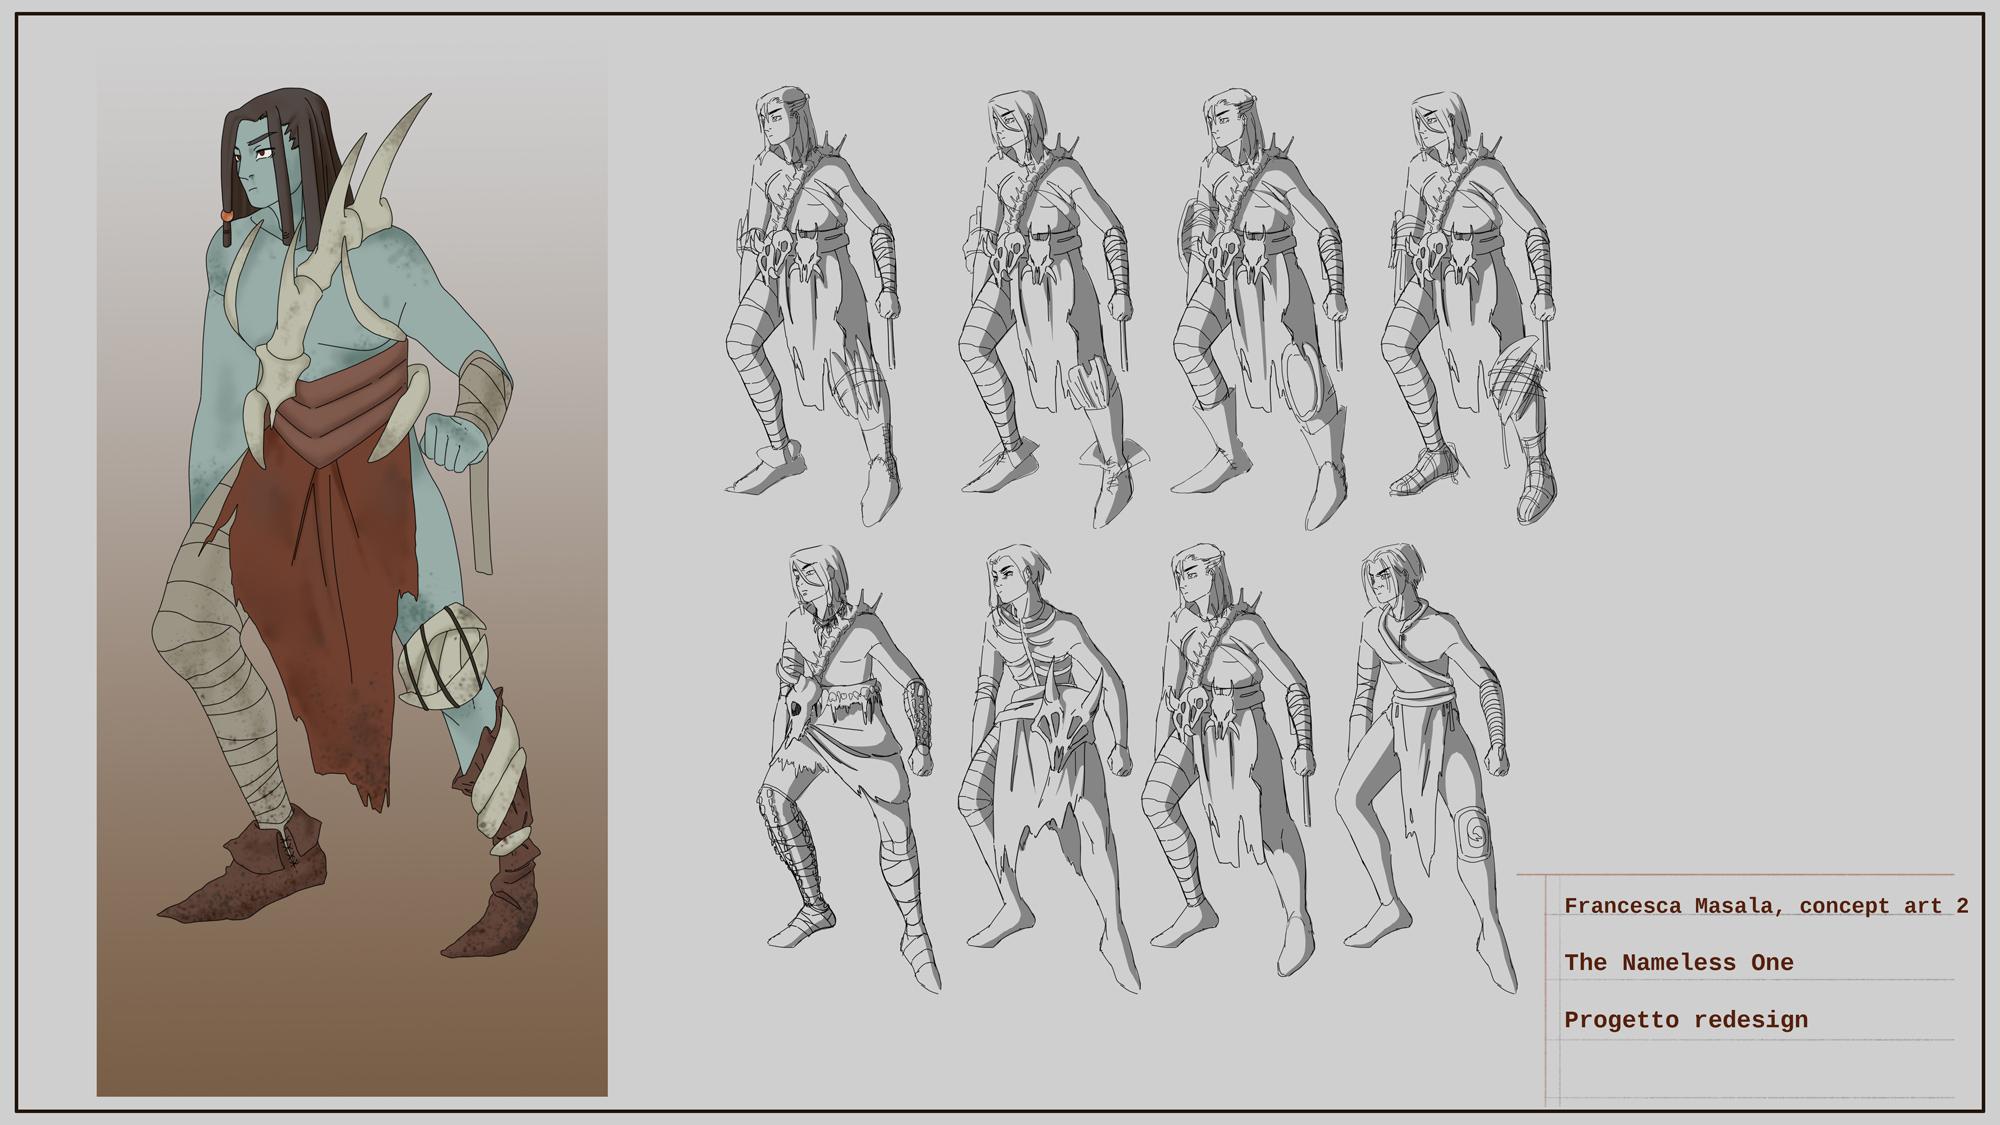 {$tags} Concept study personaggio, Nameless One - by Francesca Masala Planescape Torment Redesign Project (2020) © Scuola Internazionale di Comics Torino e dell'autore, tutti i diritti riservati